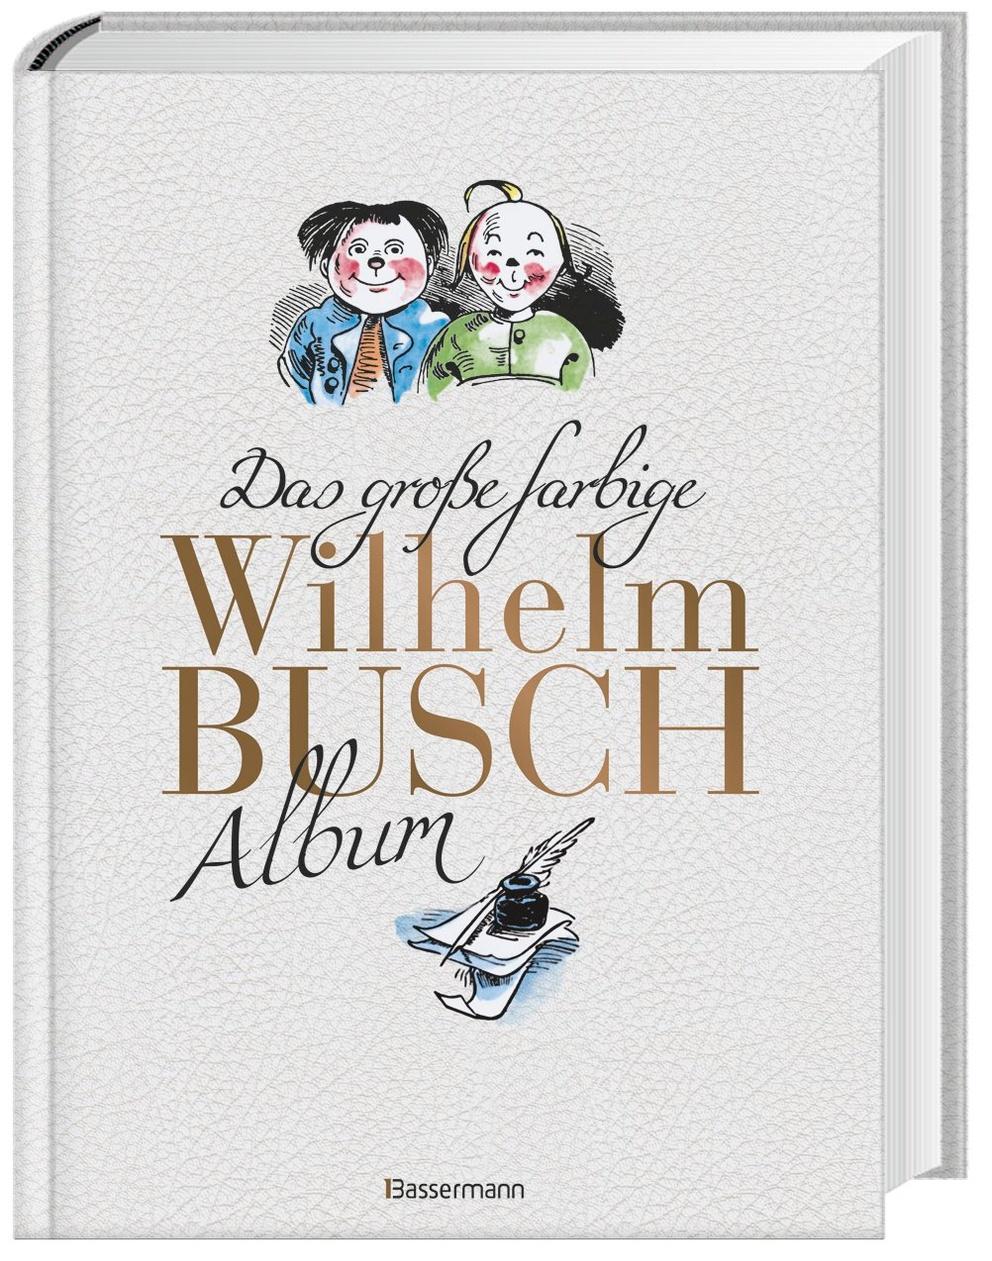 Wilhelm busch zur hochzeit